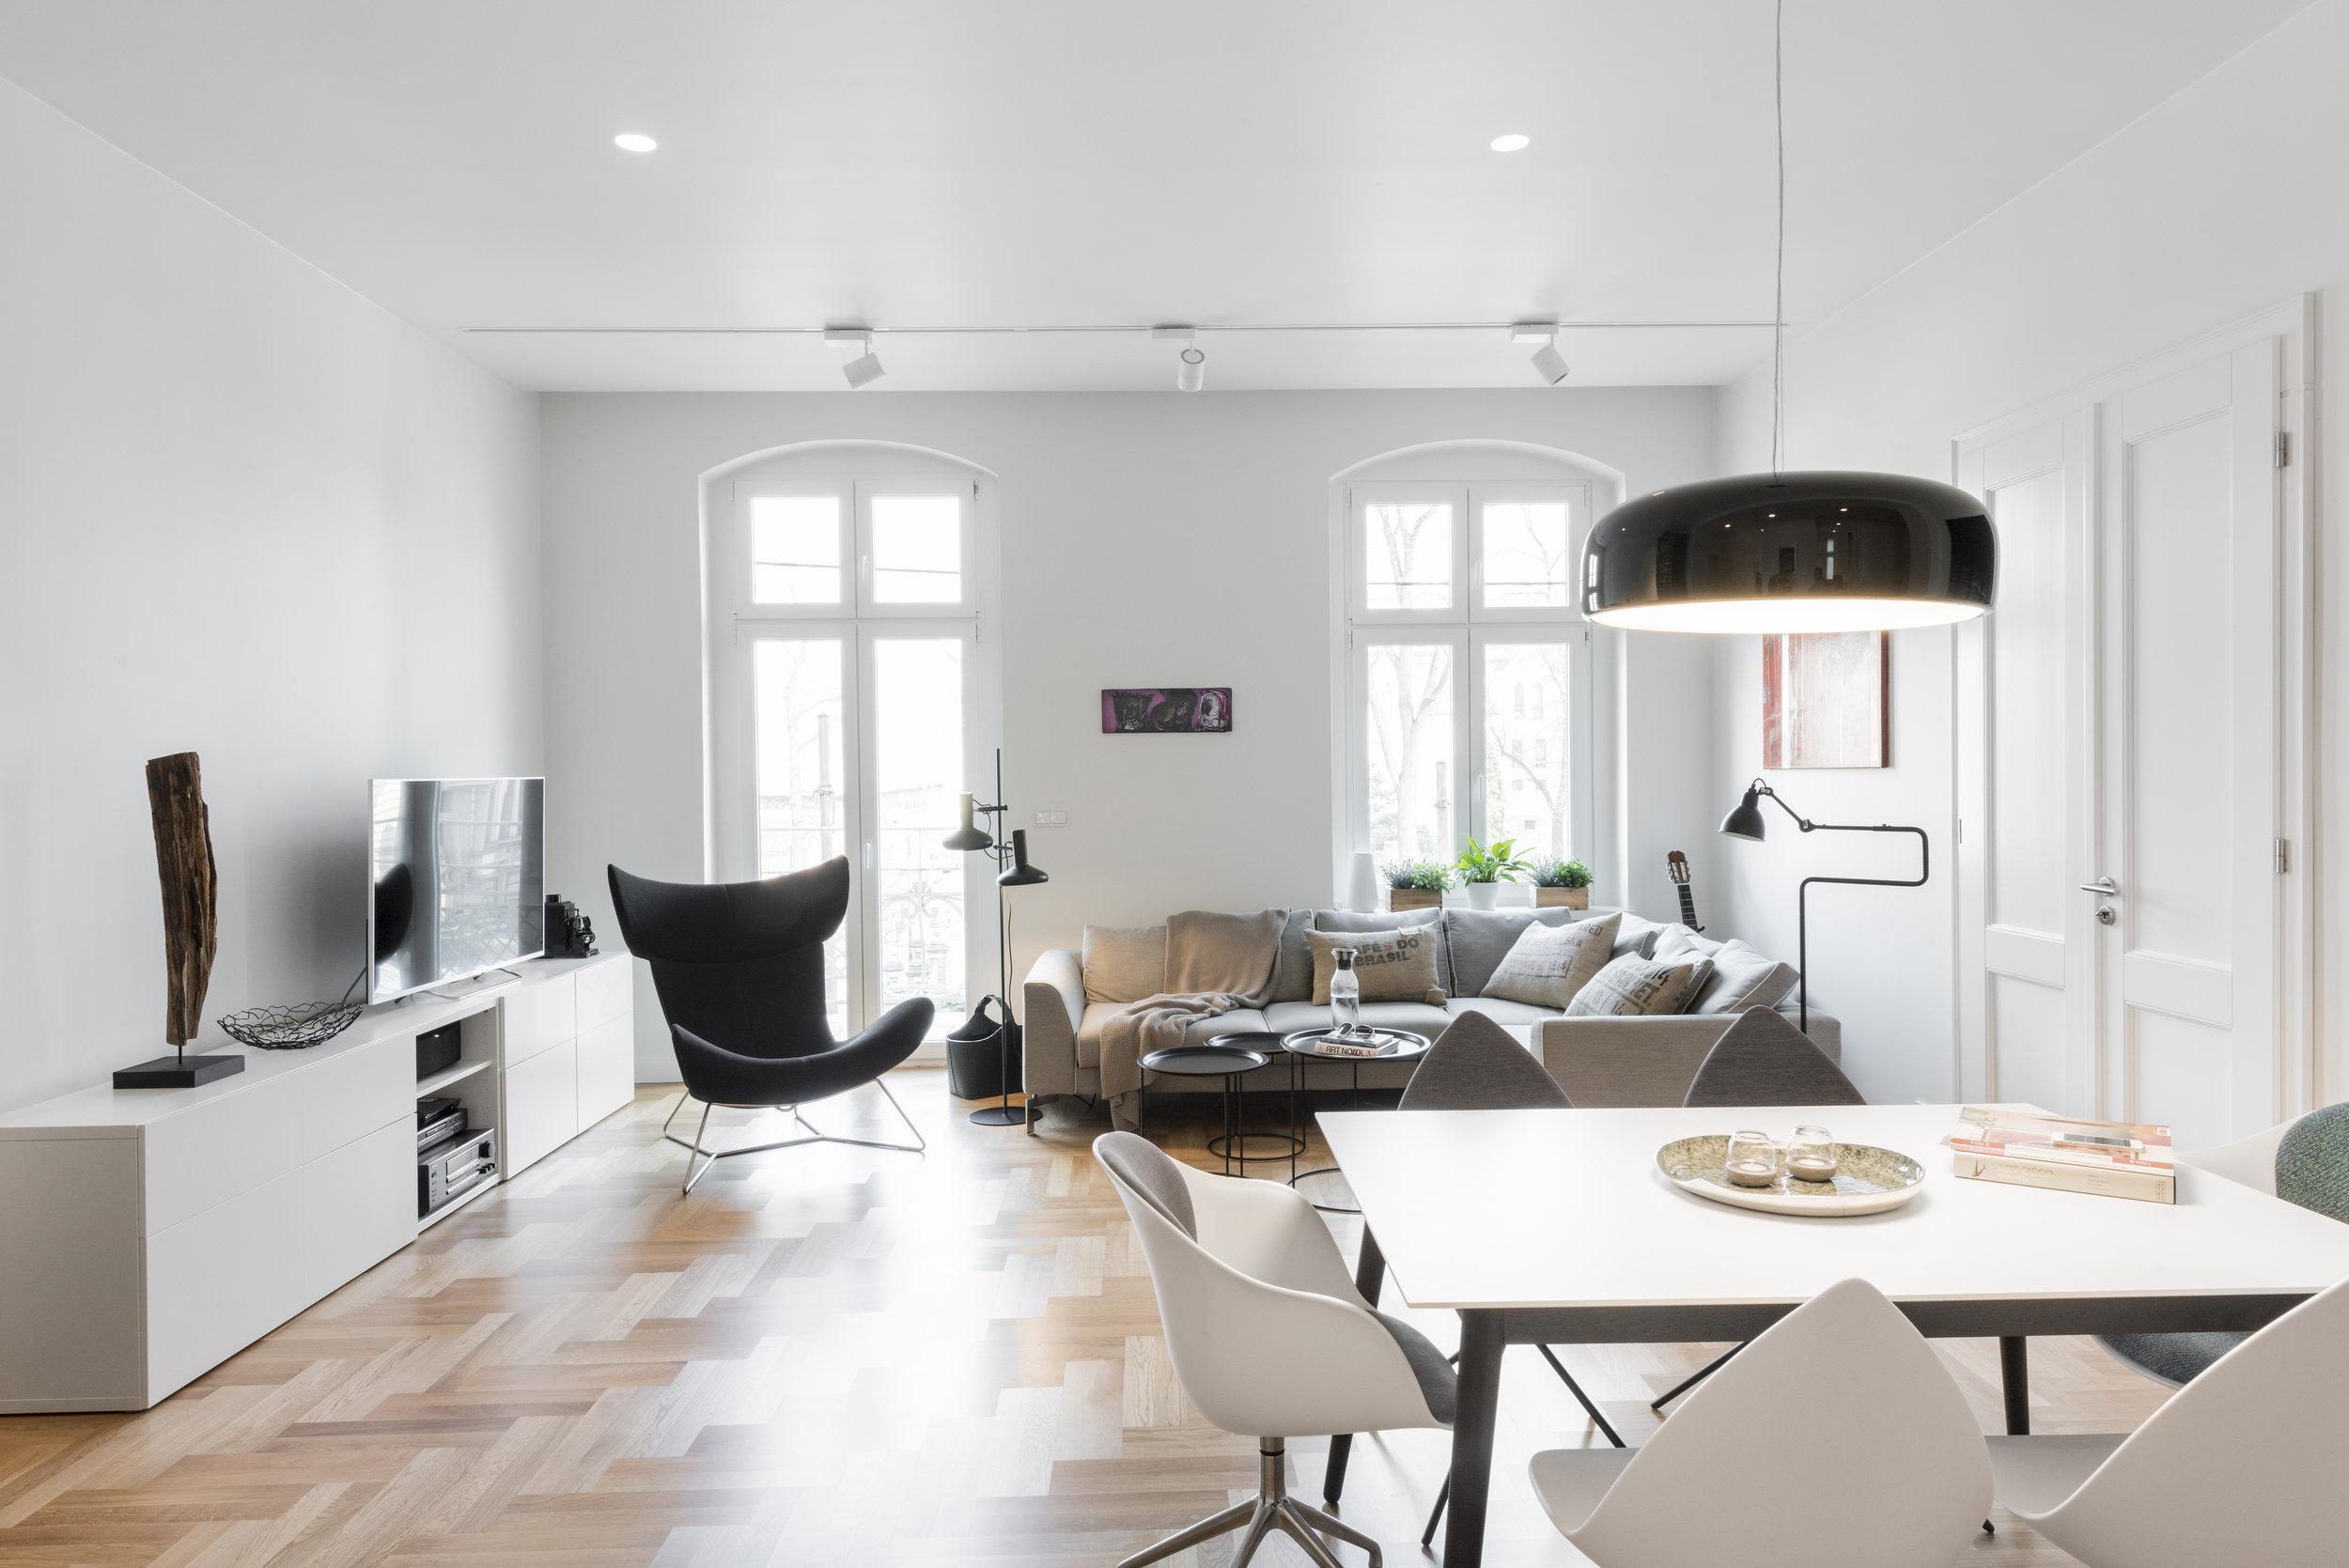 widok-nowy salon-projektowane oświetlenie-Flos.jpg